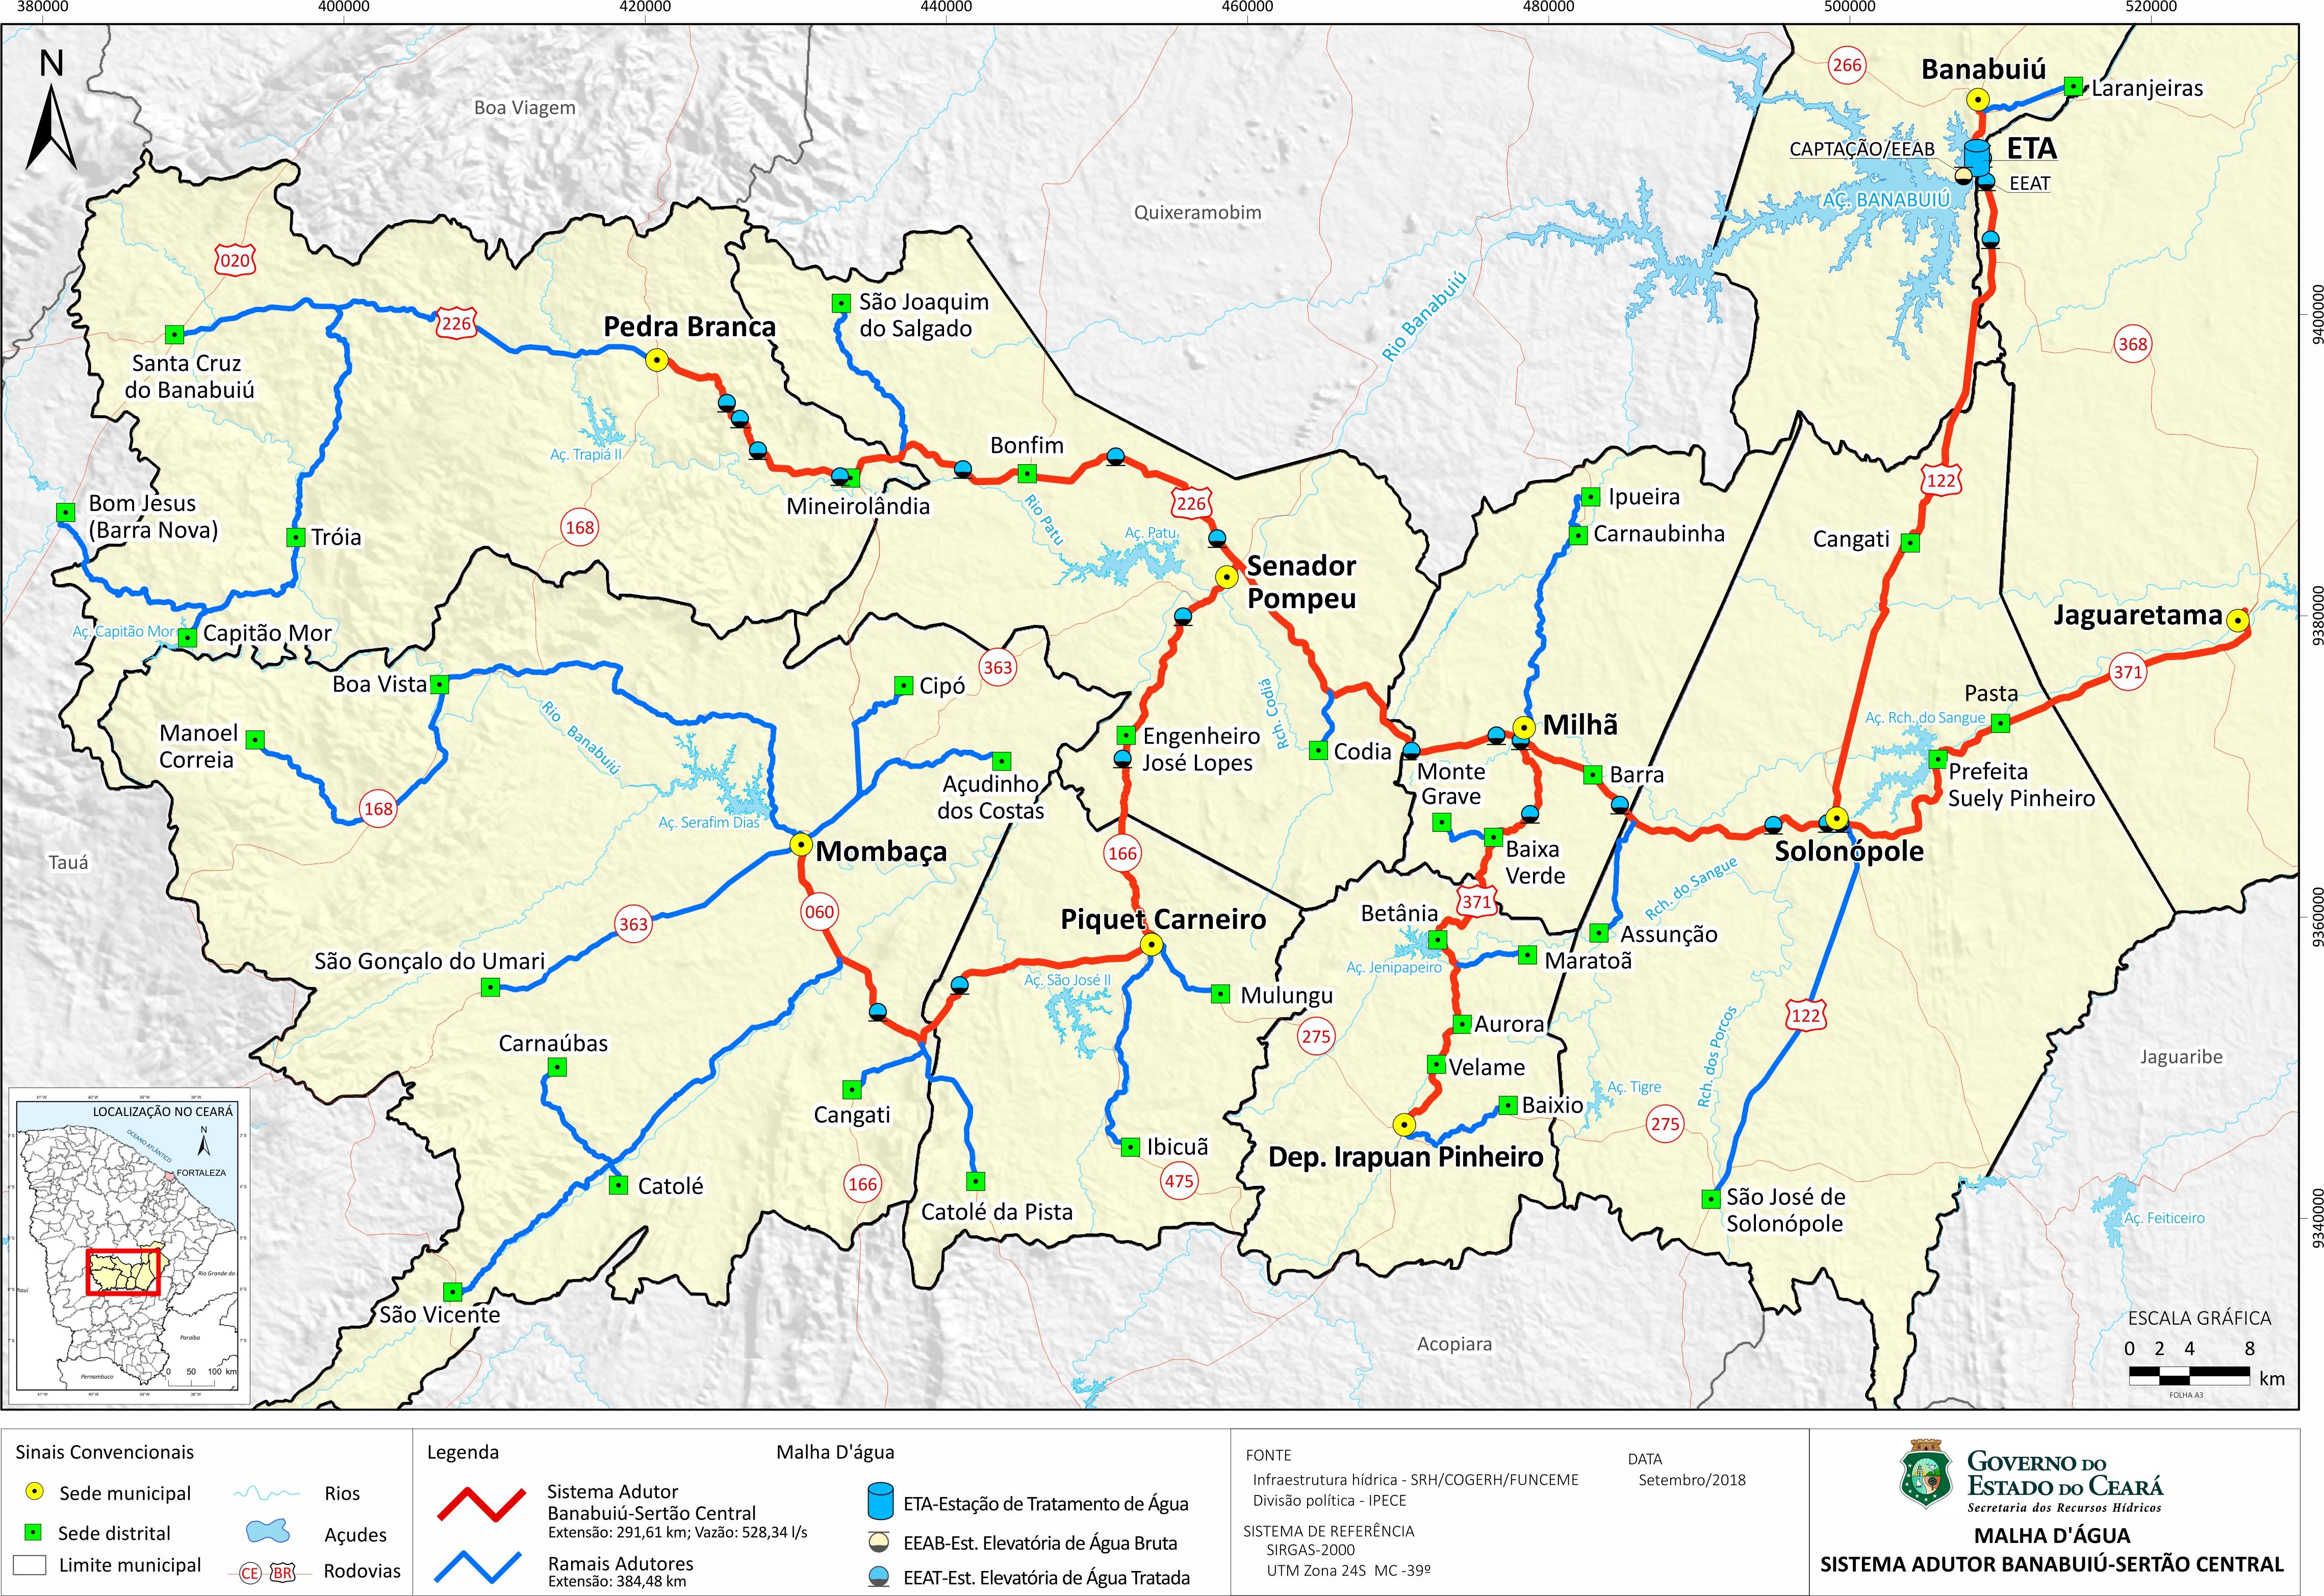 Lançada consulta pública sobre Projeto de Apoio à Melhoria da Segurança Hídrica